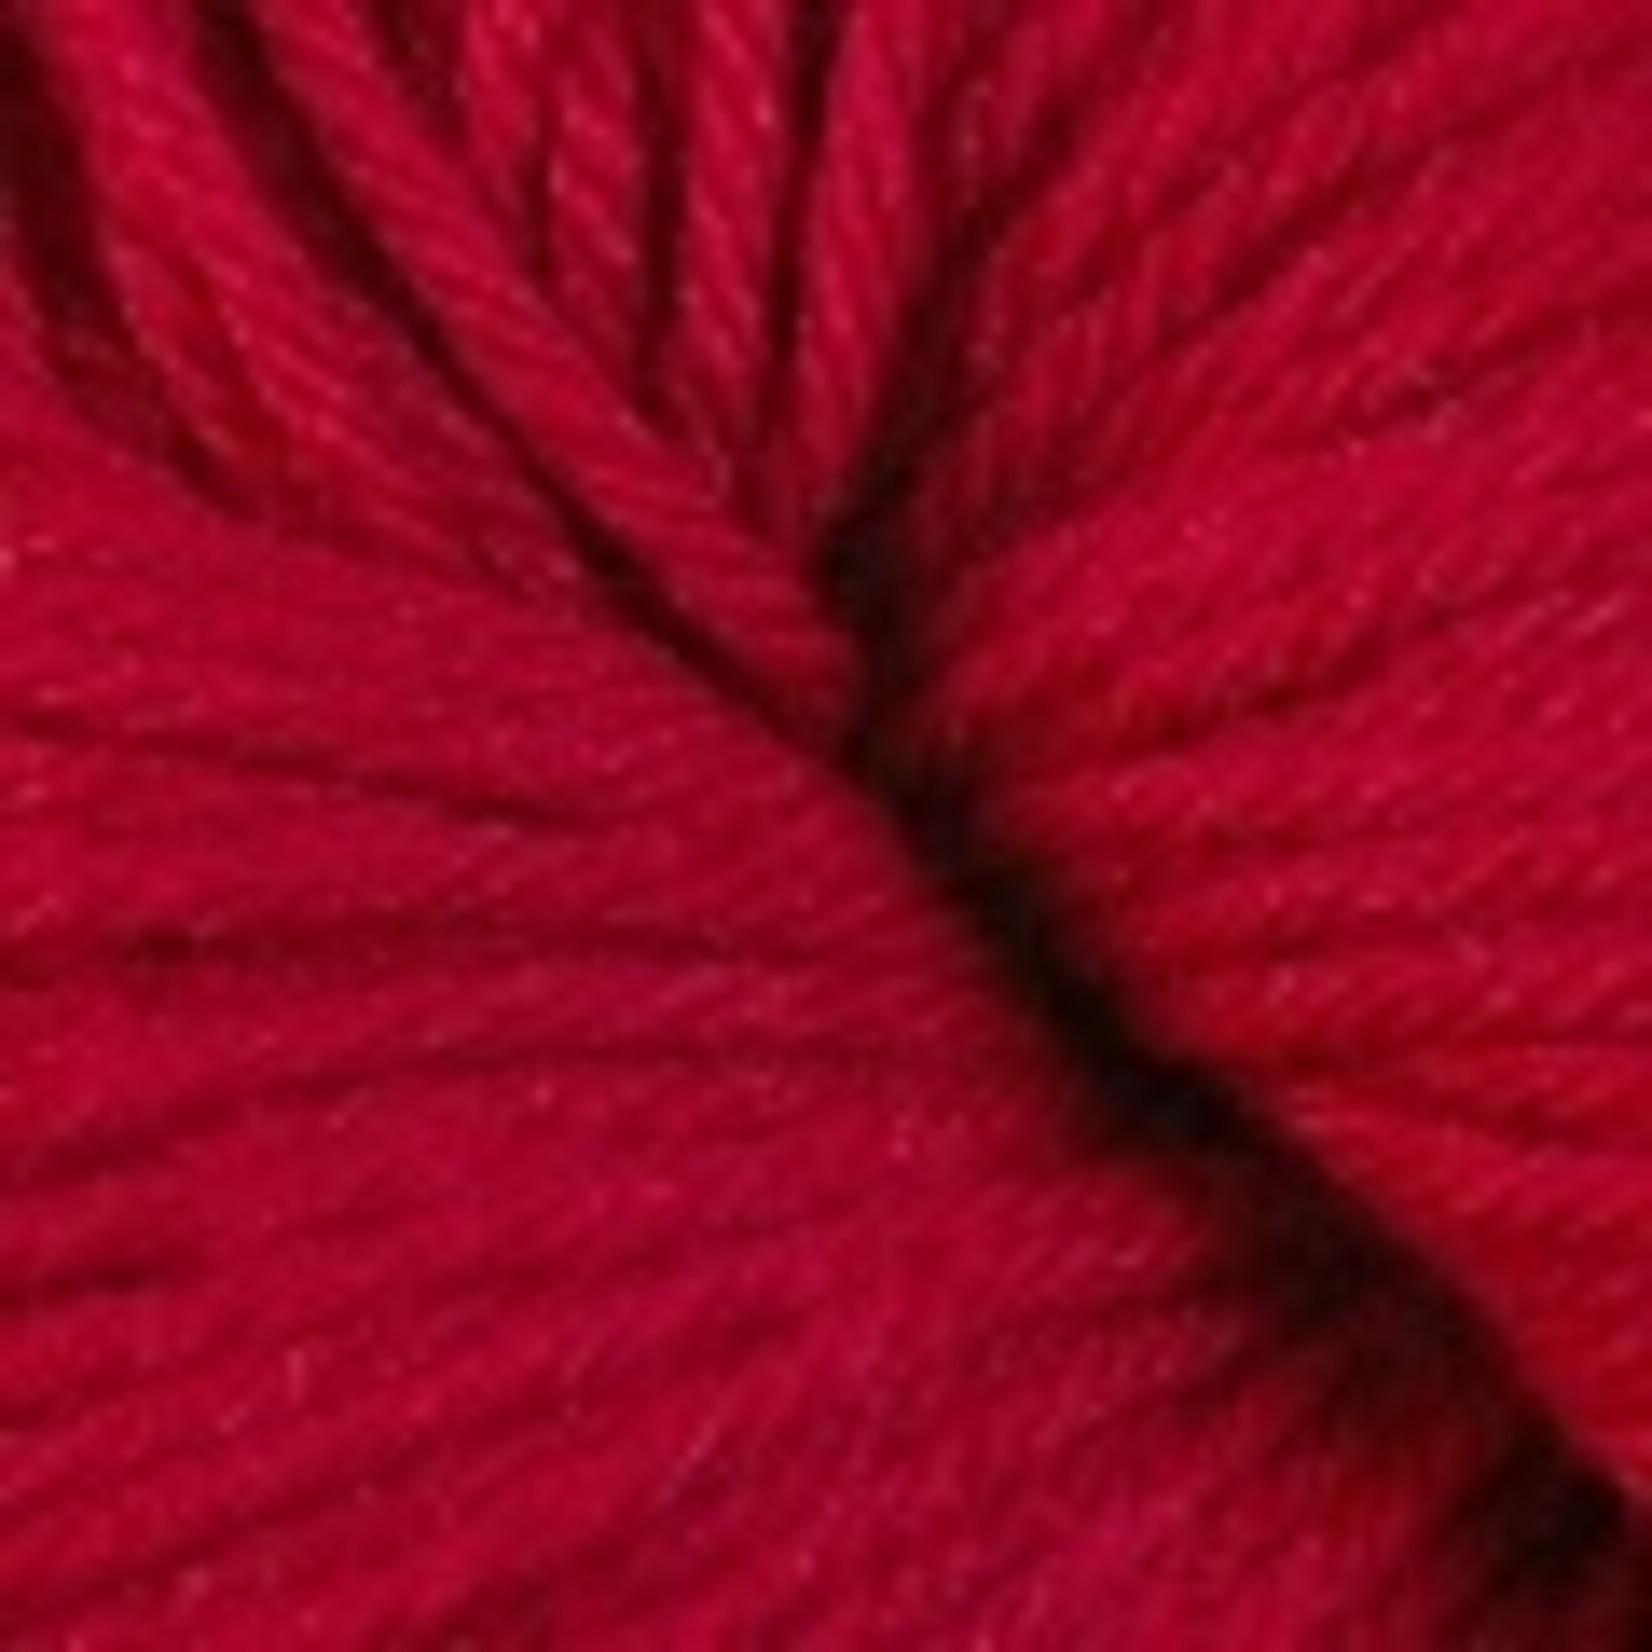 Berroco Vintage Wool, 5151, Cardinal